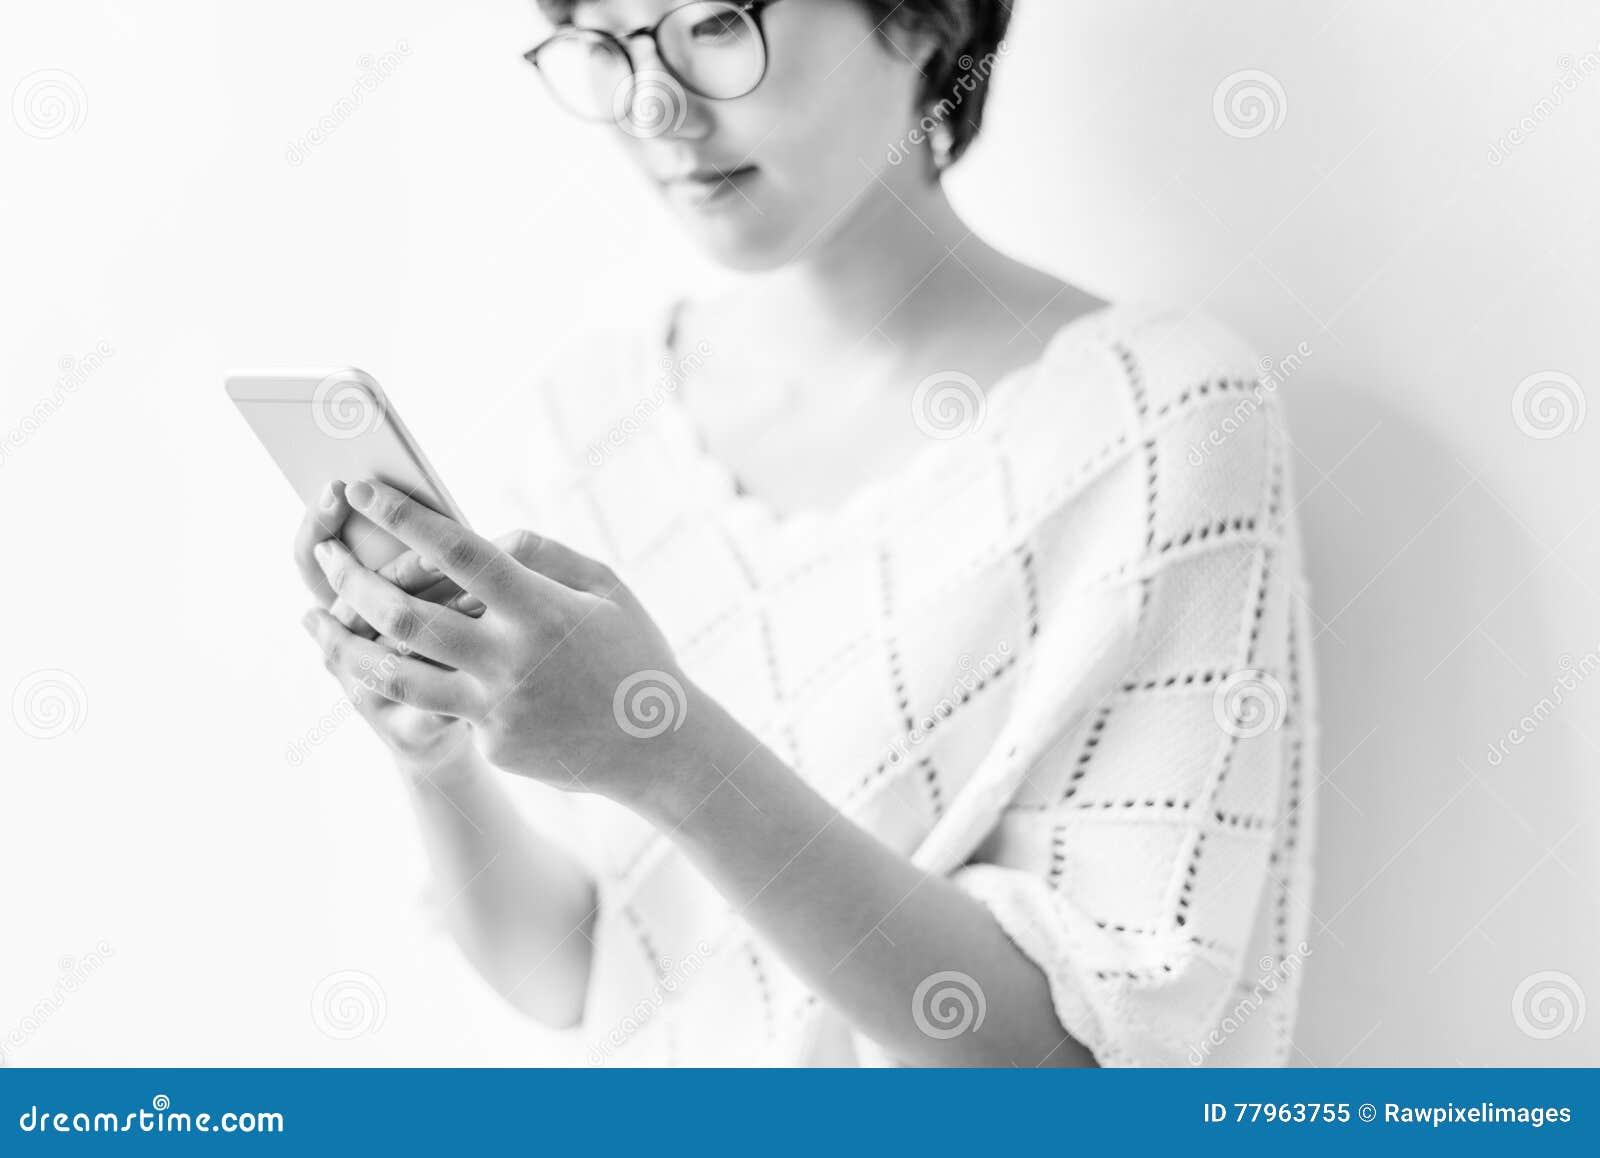 Concepto de señora Using Cellphone Smiling